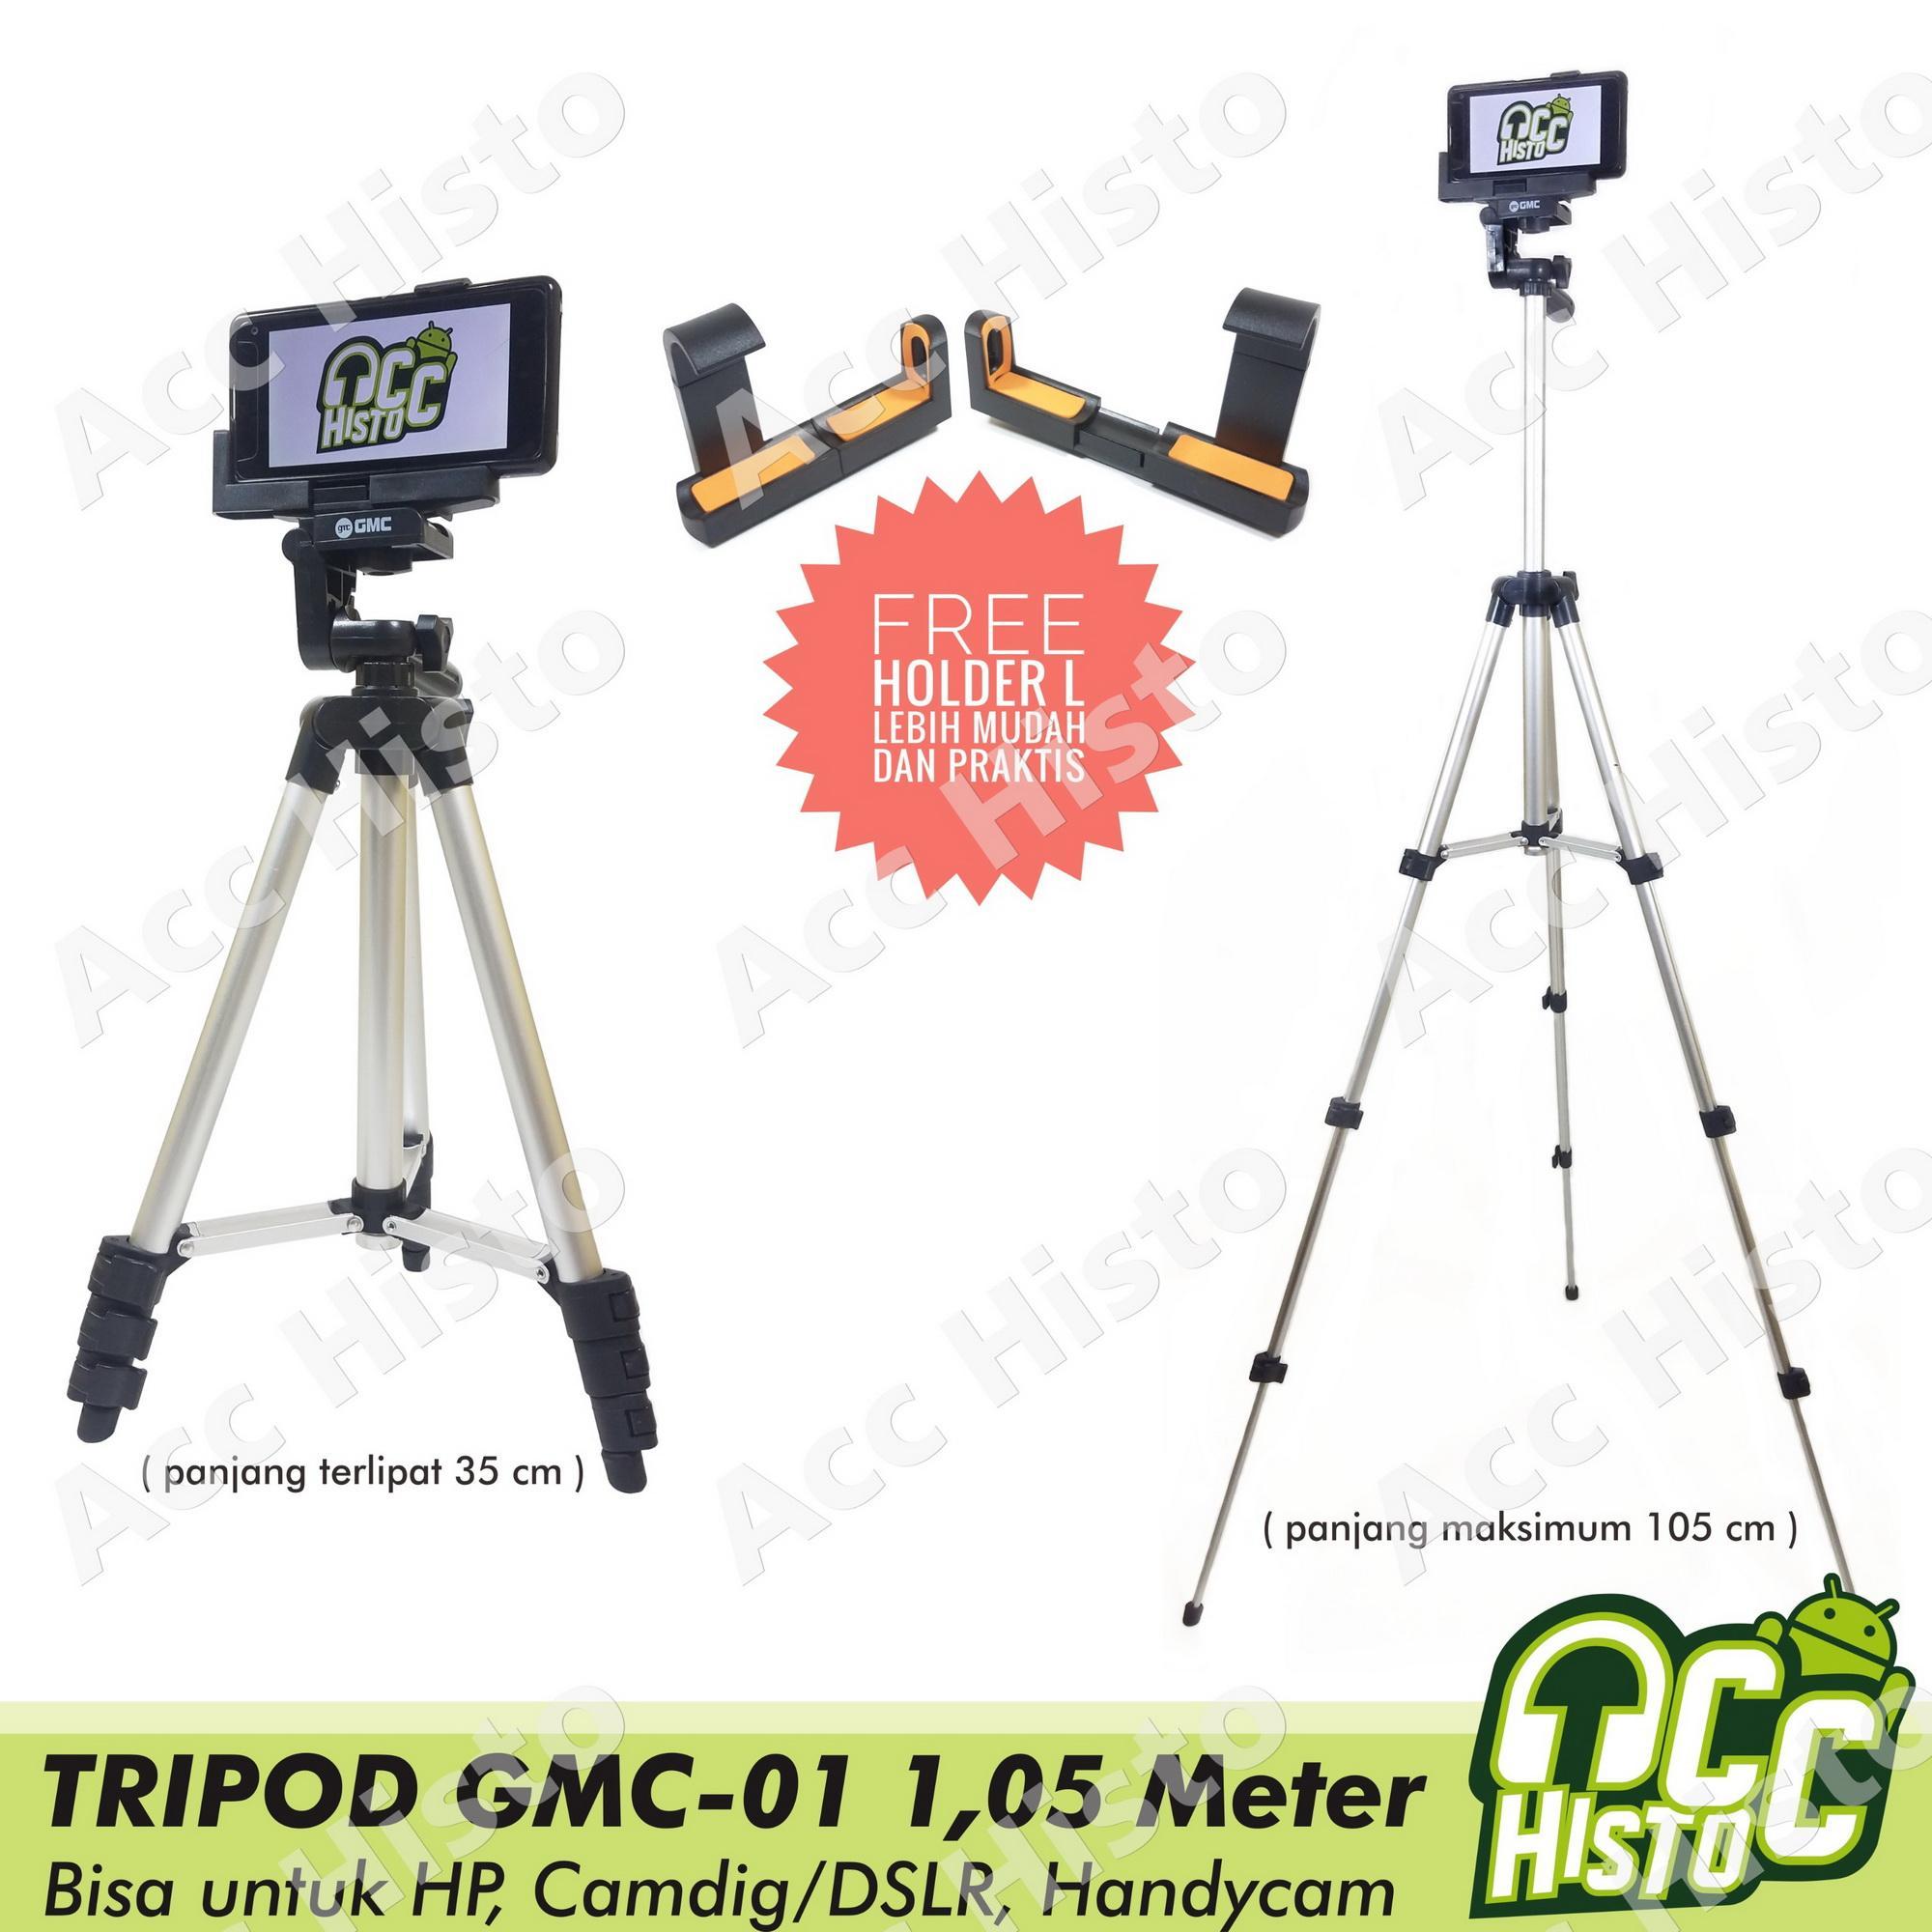 Tripod GMC Tinggi 1M / Meter + Holder L Premium Bisa Buat HP / Camera Digital / Handycam / DSLR